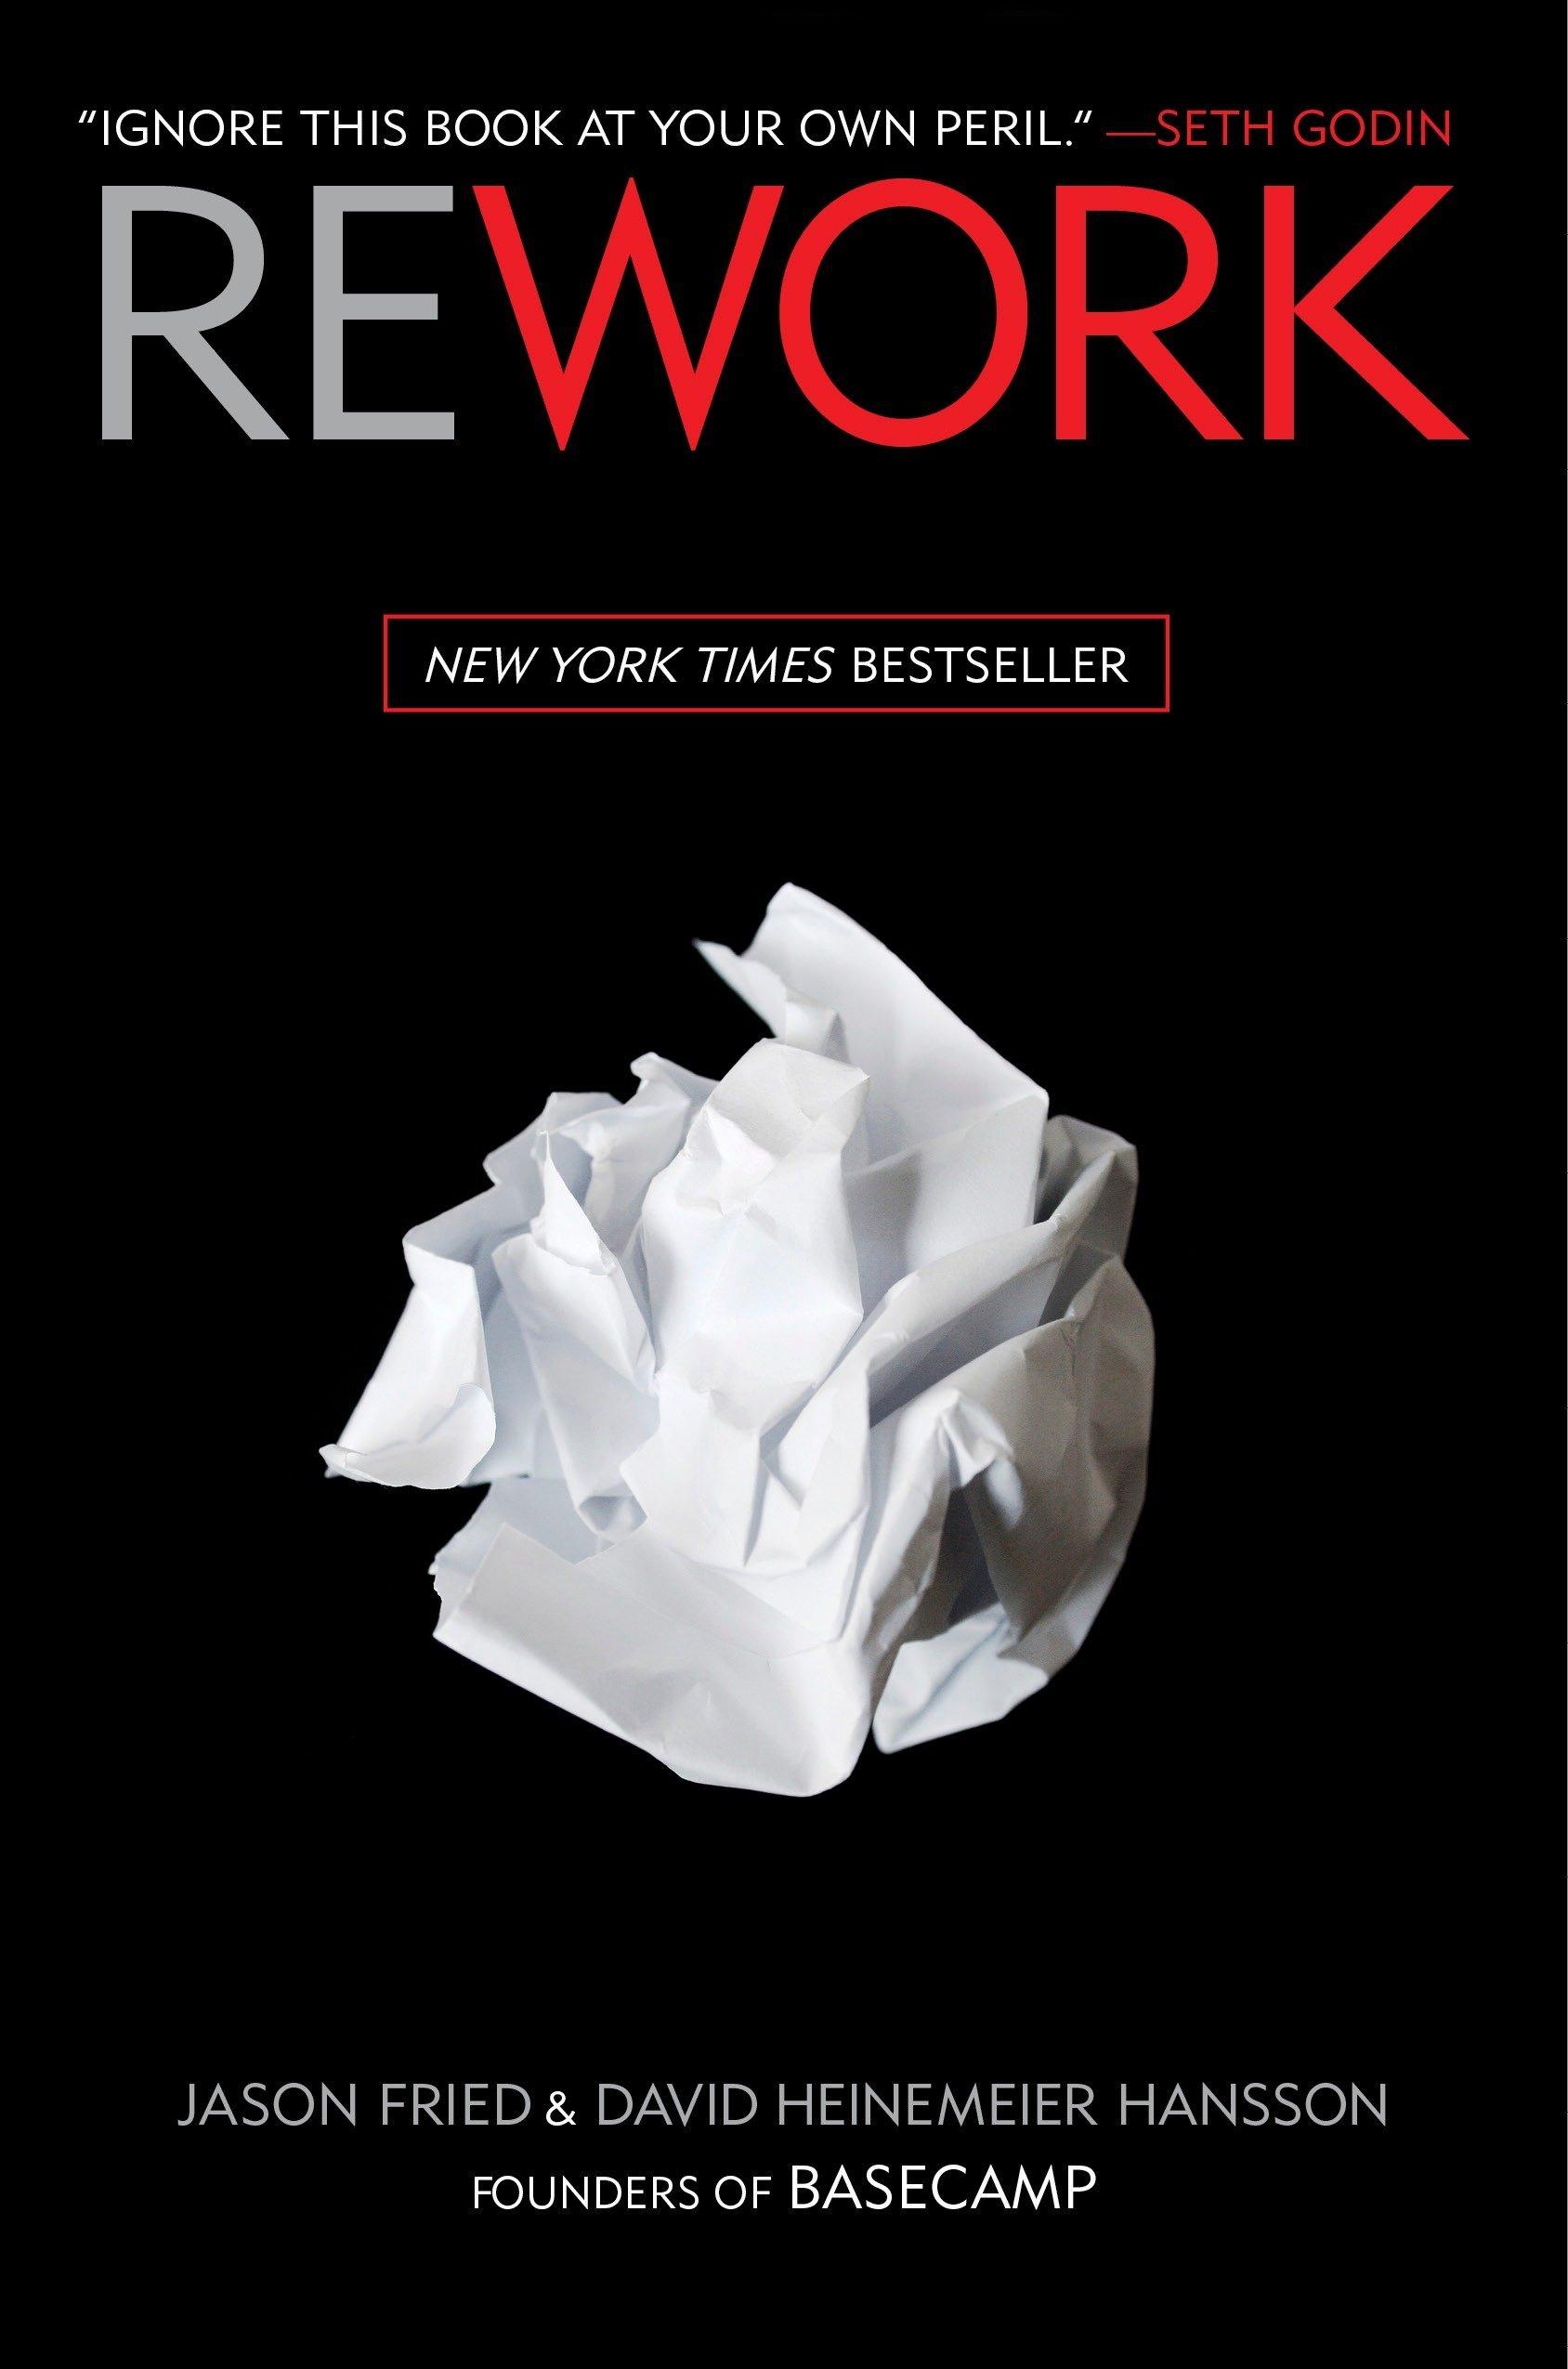 Rework : Fried, Jason, Heinemeier Hansson, David: Amazon.in: Books